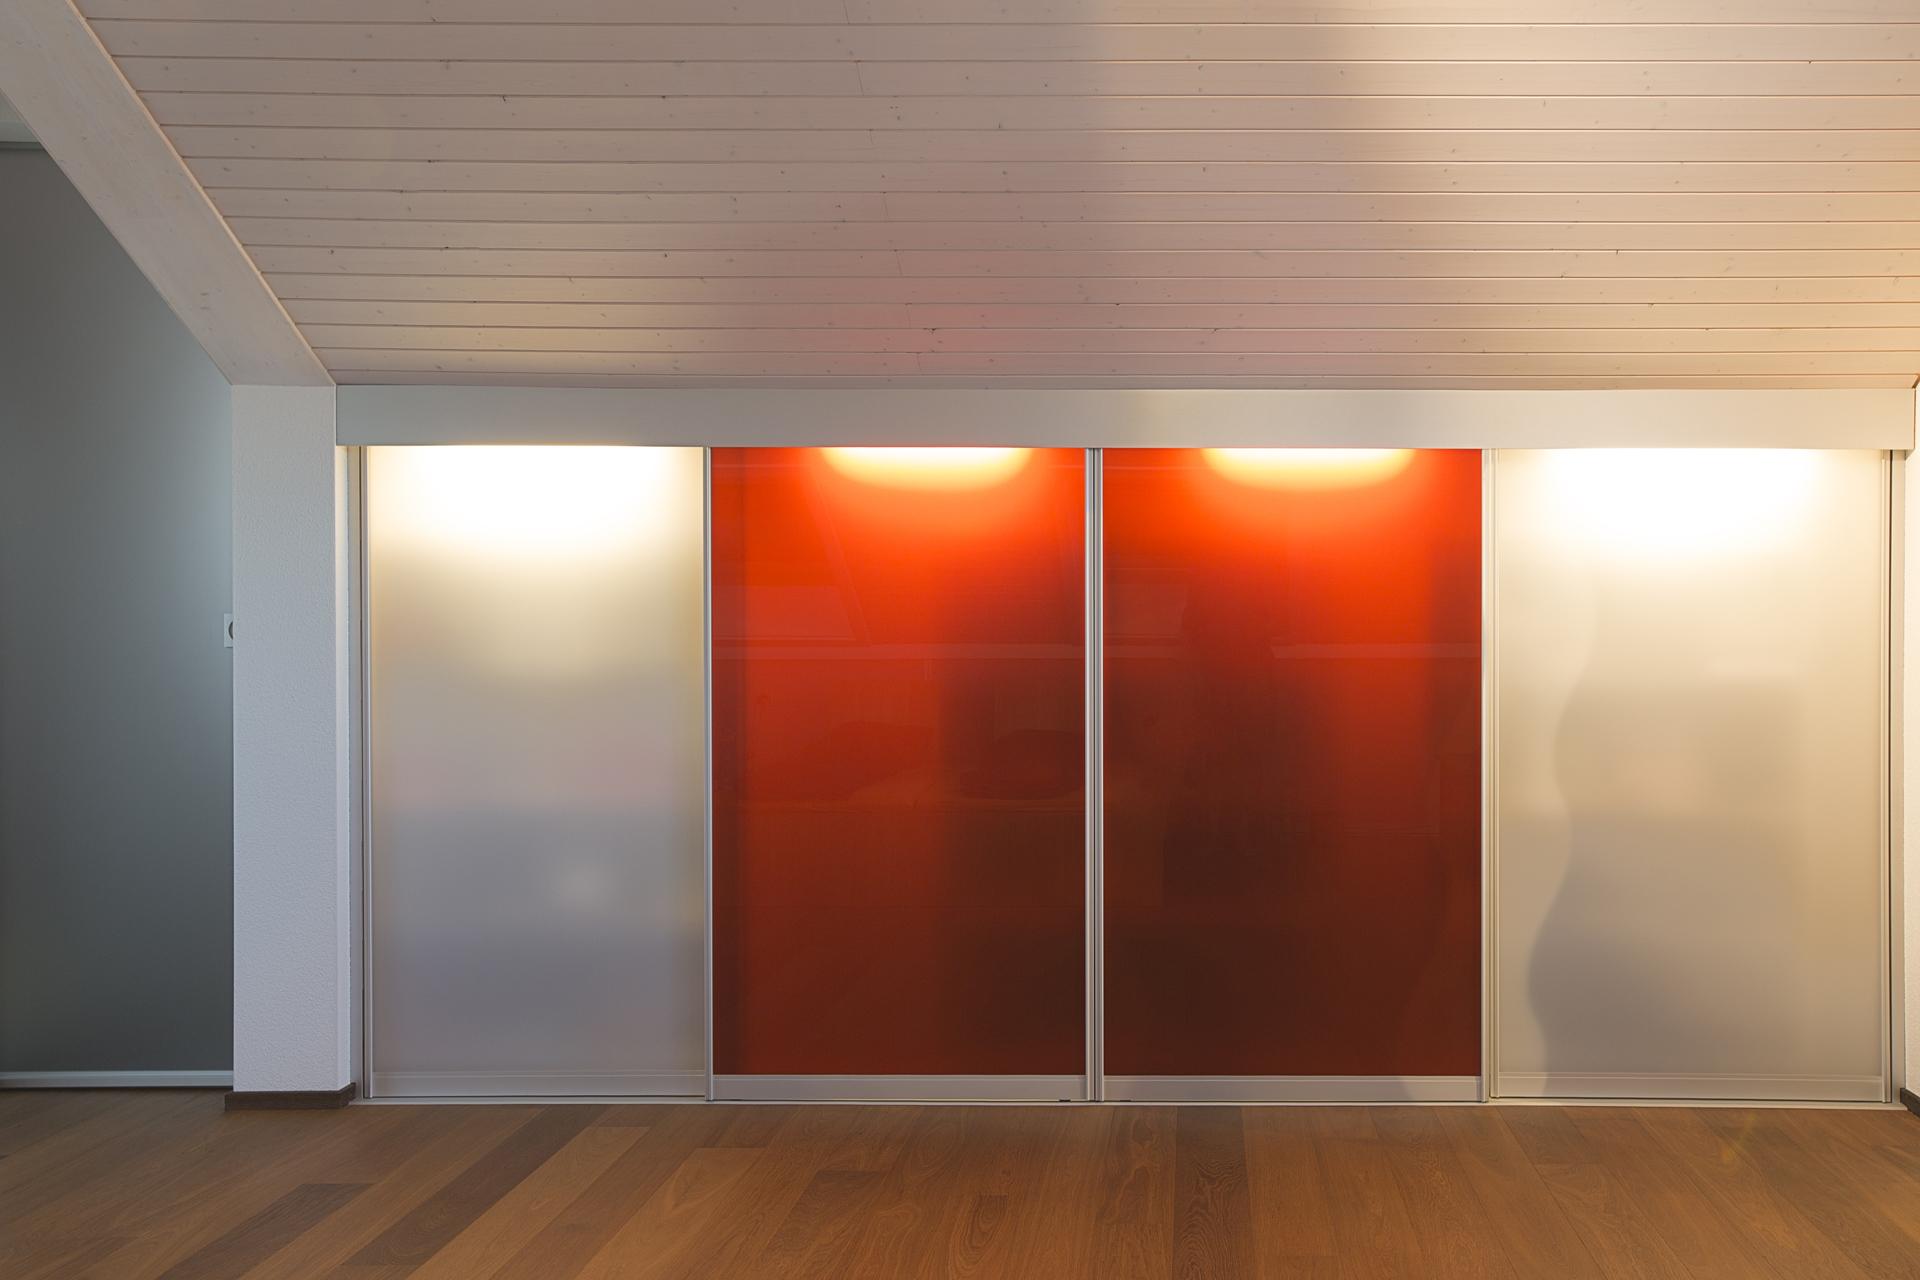 schrank in der dachschr ge nach mass dachschr genschrank mit innenbeleuchtung und transparenten. Black Bedroom Furniture Sets. Home Design Ideas